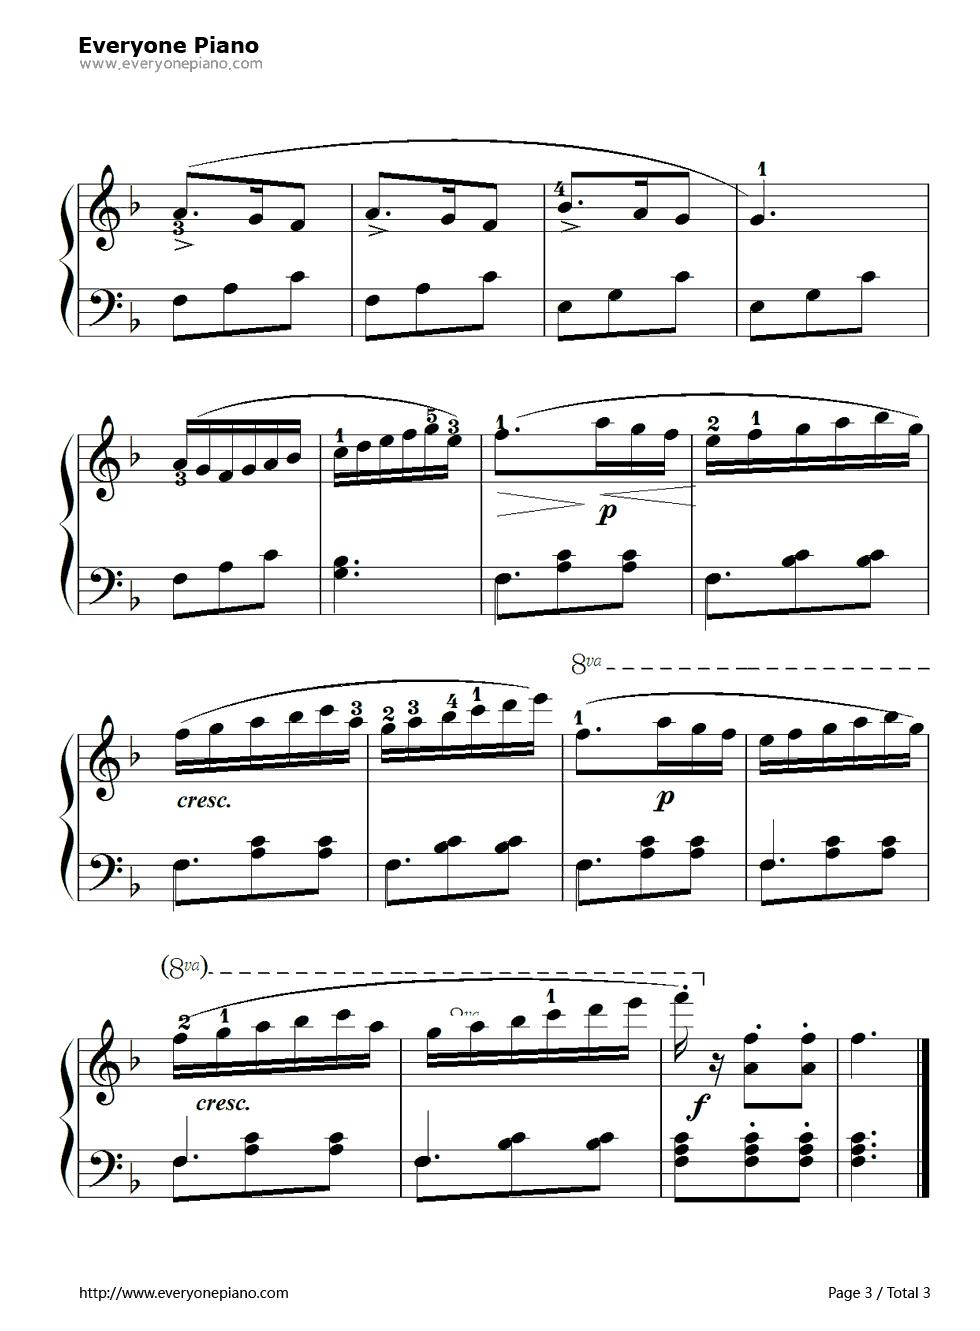 钢琴曲谱 练习曲 孩子们的拜厄104 孩子们的拜厄104五线谱预览3  }图片